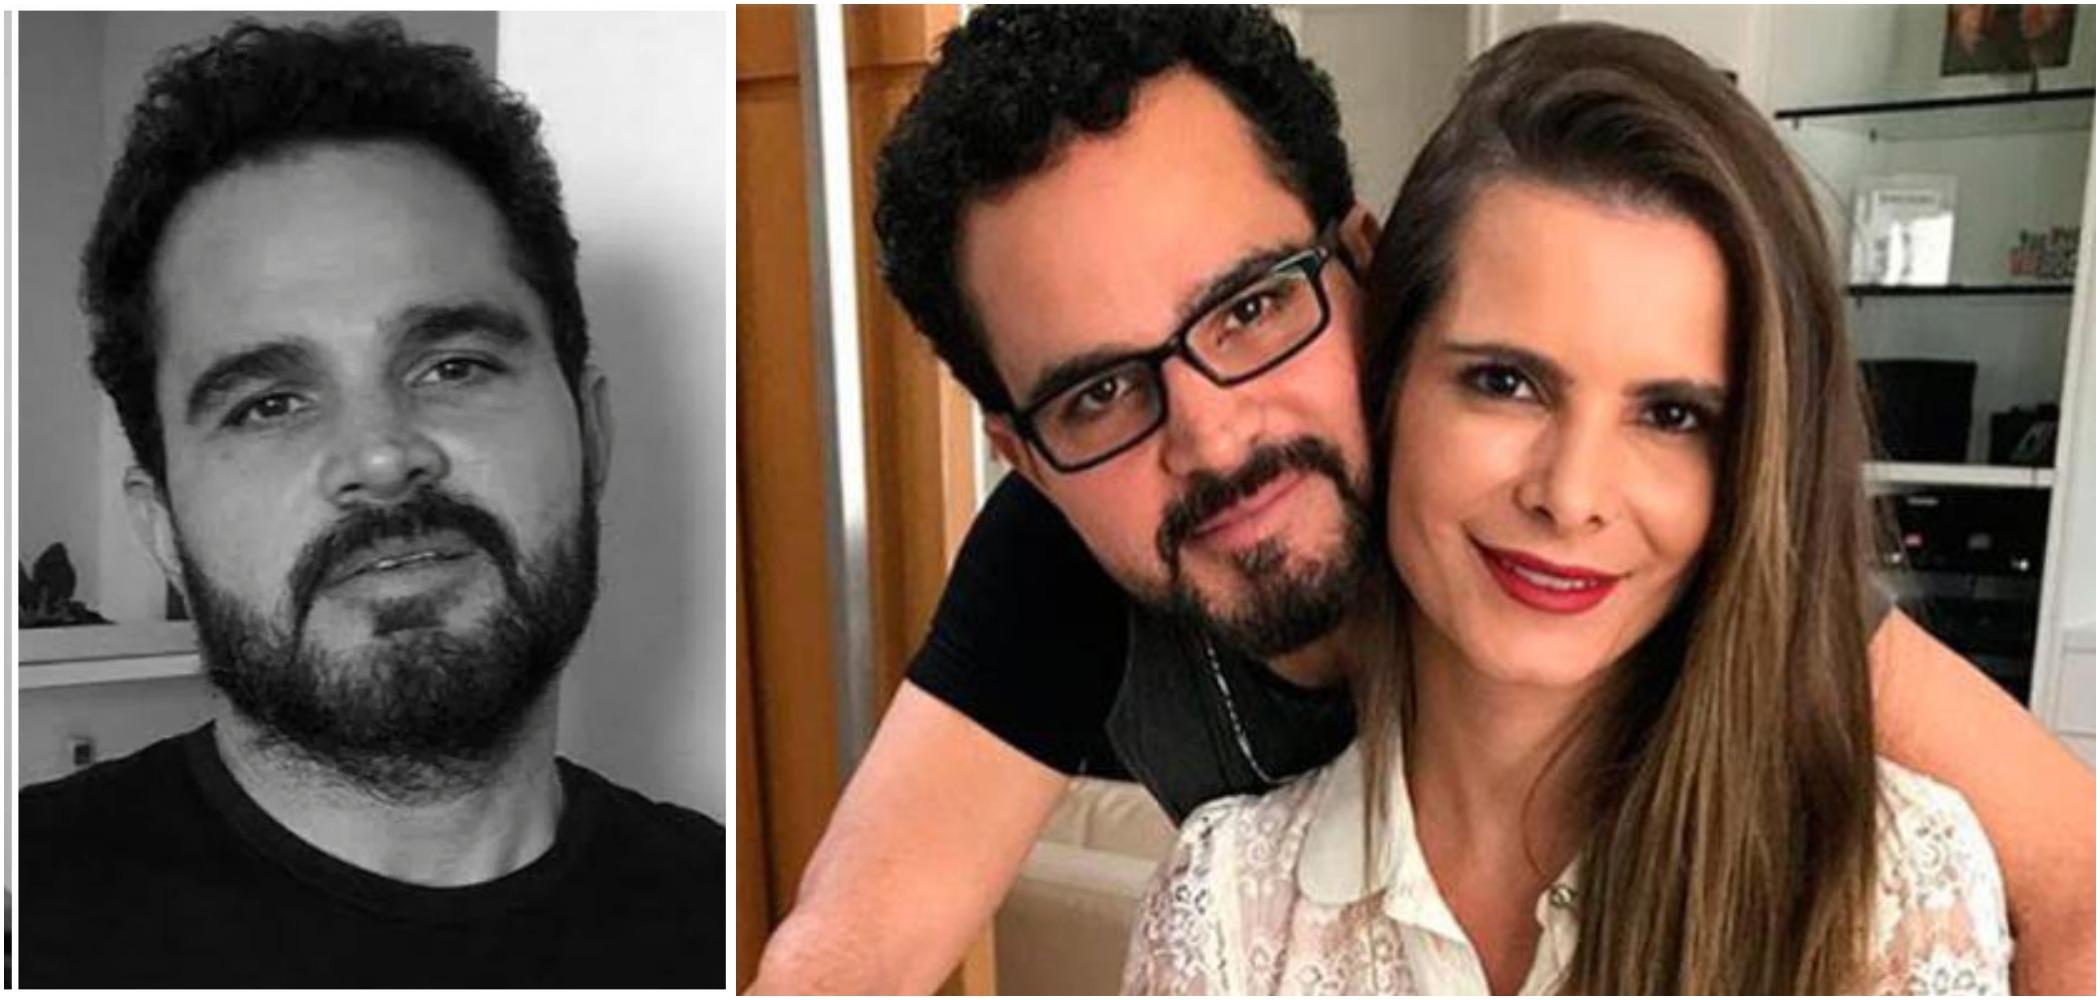 Luciano Camargo disse ser cavalheiro e romântico com a esposa, Flávia Camargo (Reprodução)